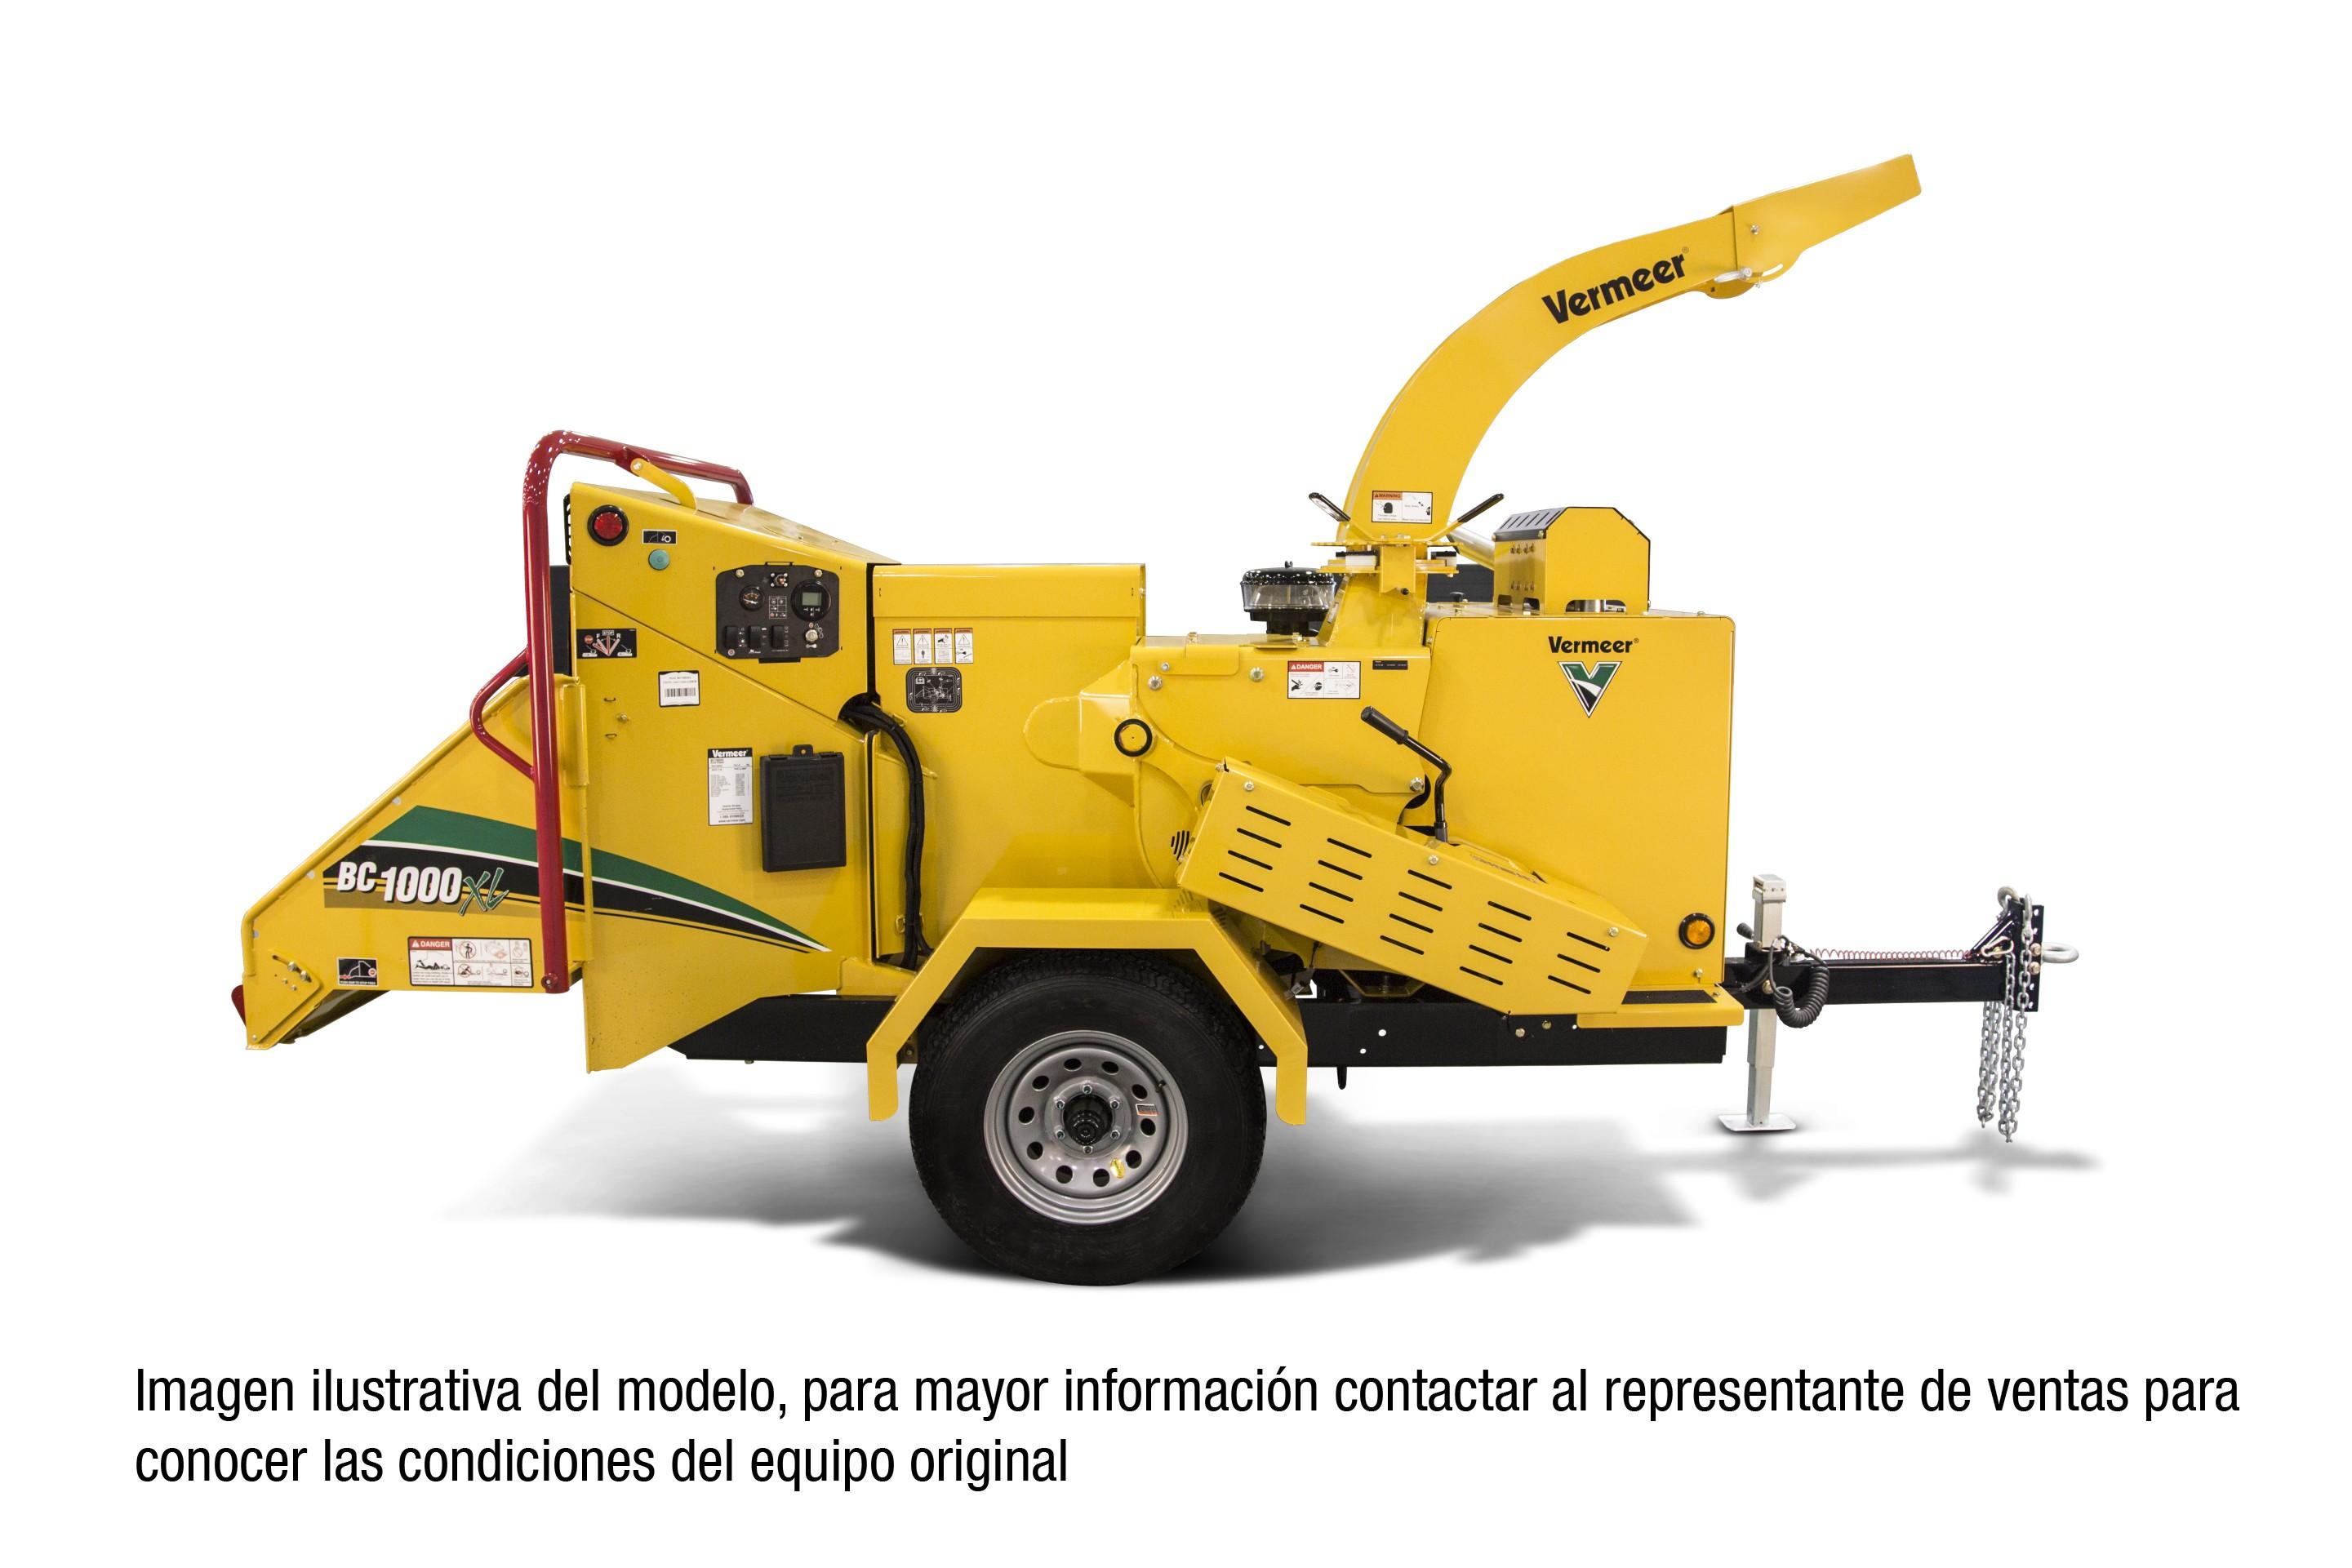 astilladora Vermeer, equipo usado, venta de equipo, venta de maquinaria, chipeadora, trituradora de ramas, astilladora barata